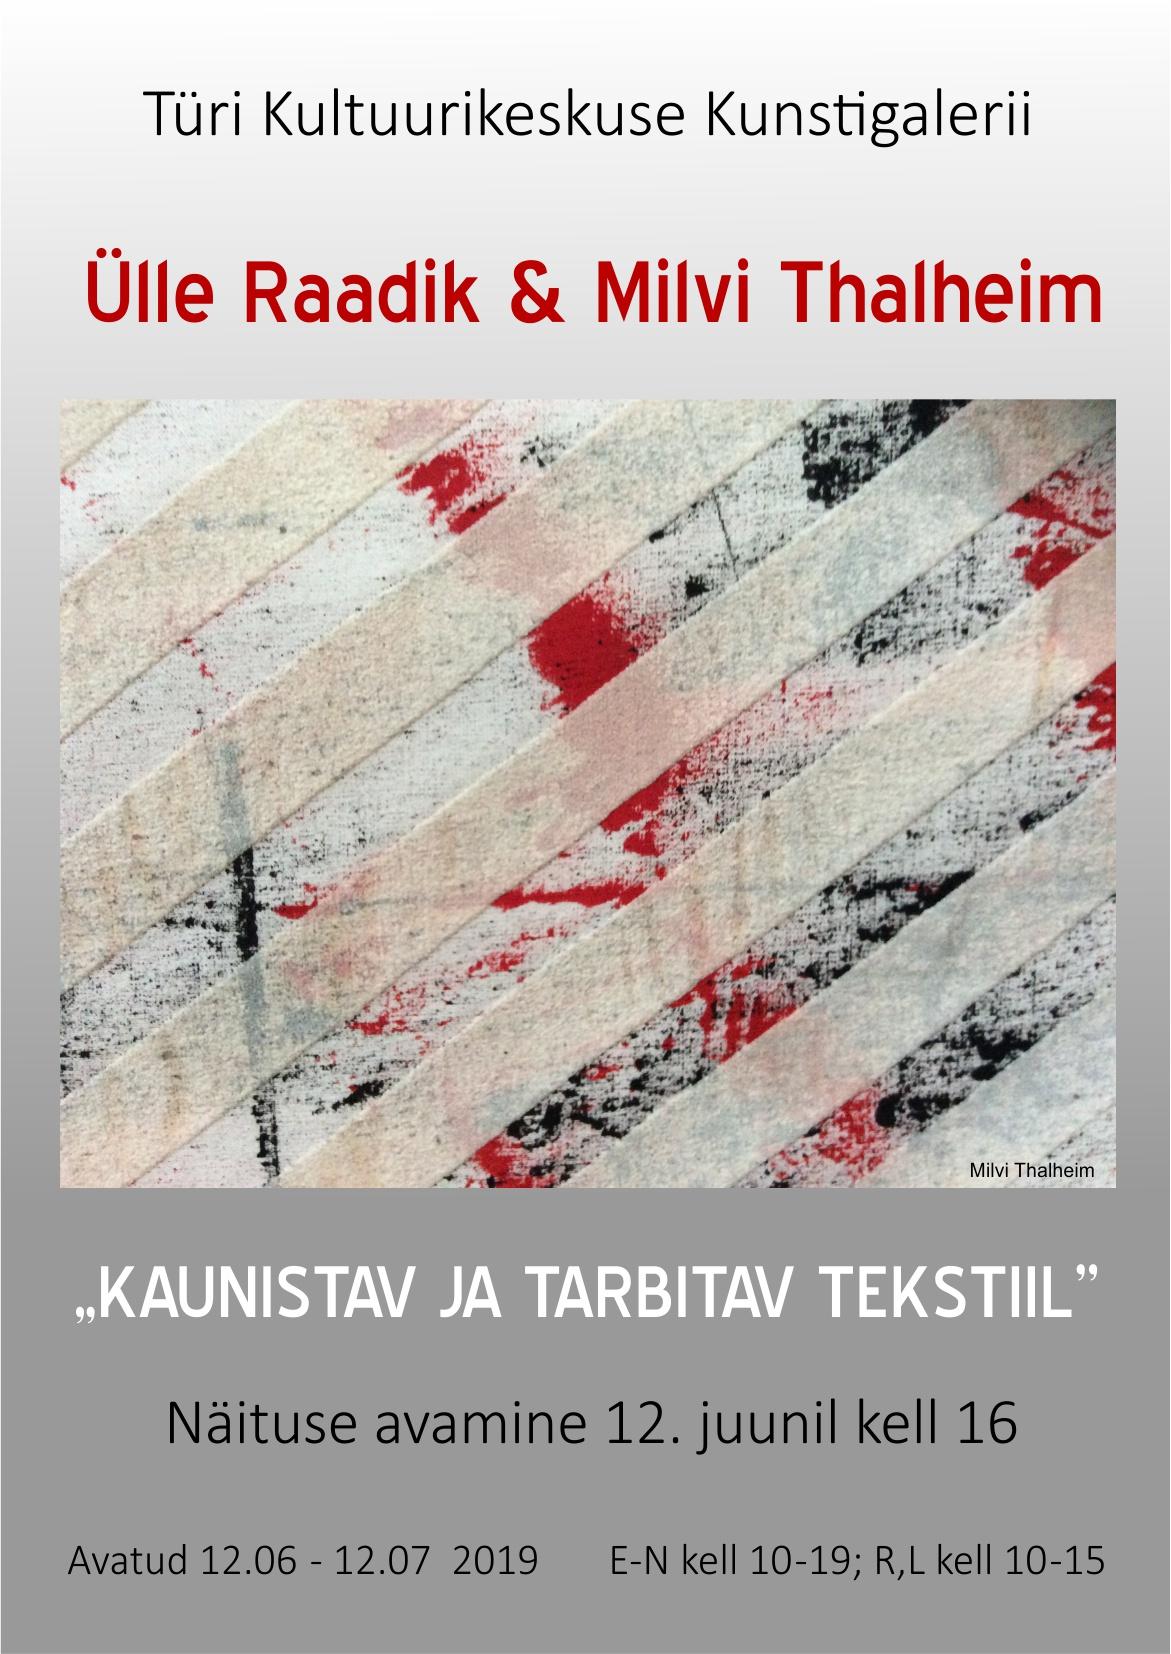 Ülle Raadiku ja Milvi Thalheimi näitus